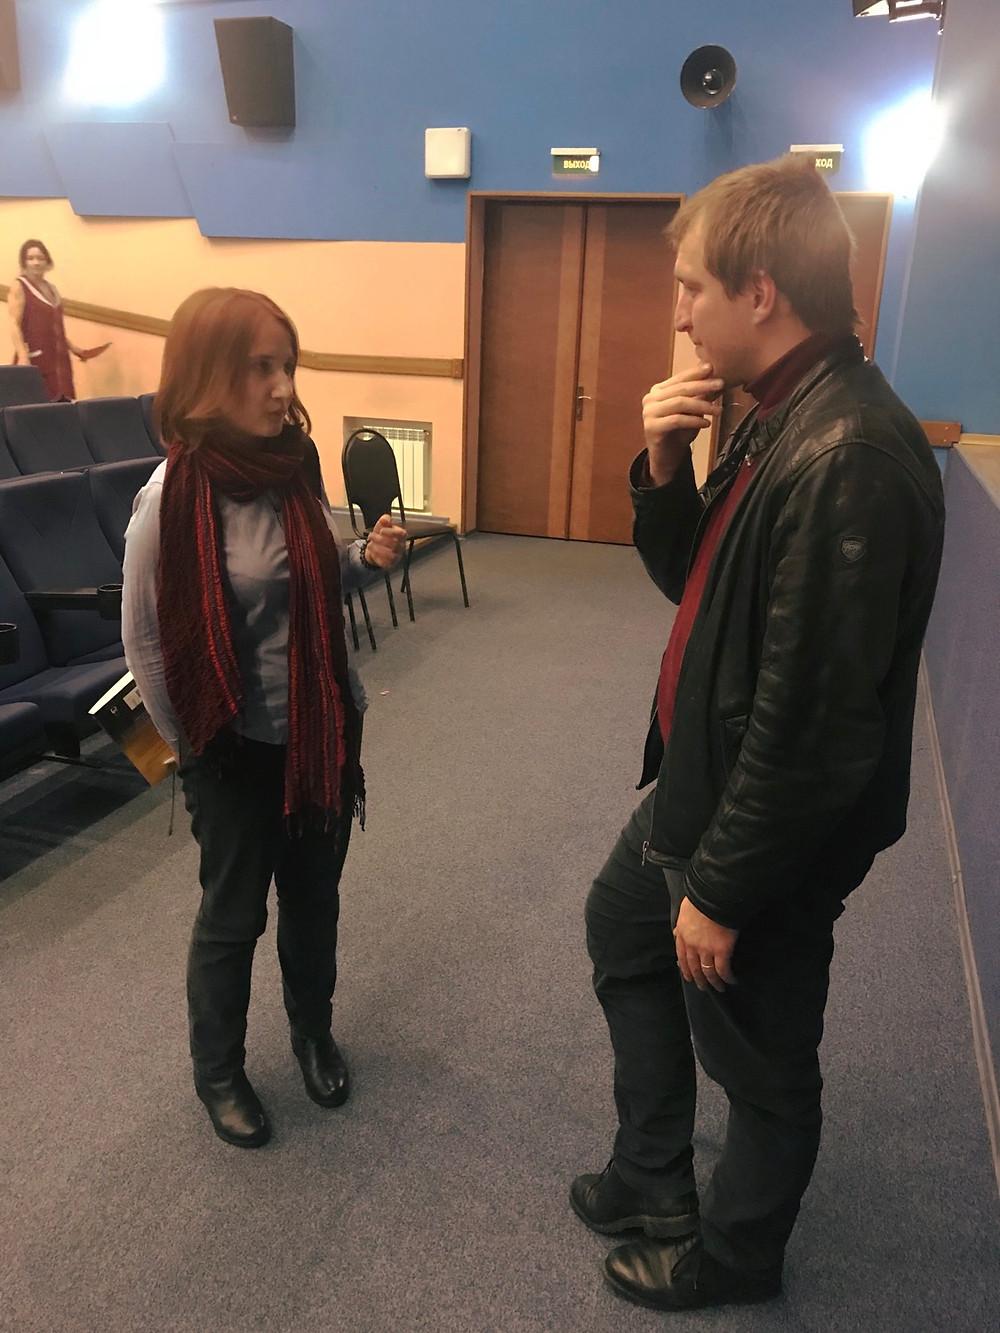 Даже когда зал почти опустел, Ондржей всё ещё отвечал на вопросы заинтересованных зрителей.